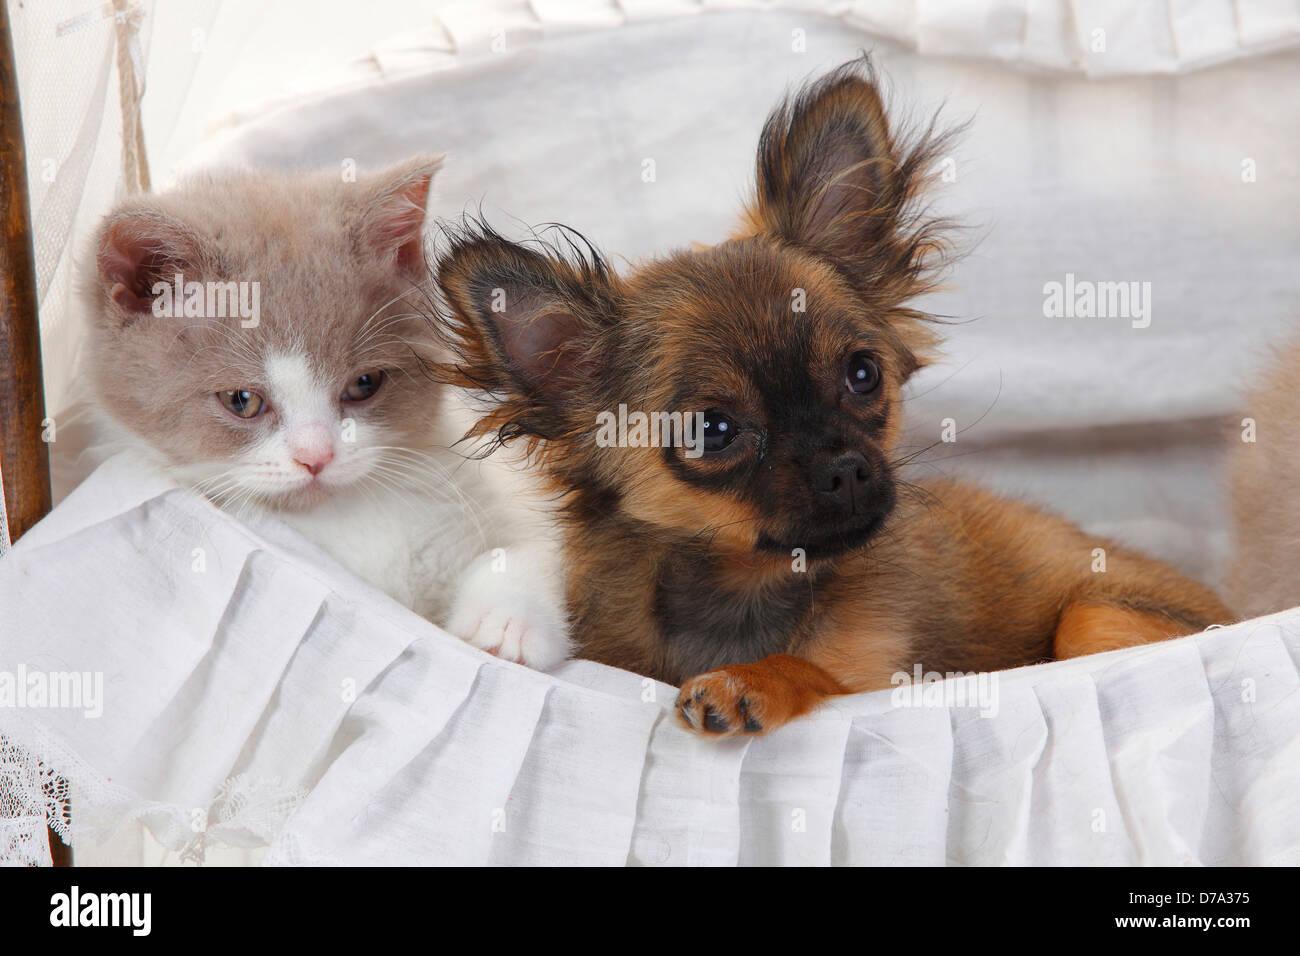 Chihuahua Welpen Langhaar 4 Monate Und British Longhair Katze Katzchen Beige Weiss 9 Wochen Highlander Flachland Britanica Stockfotografie Alamy